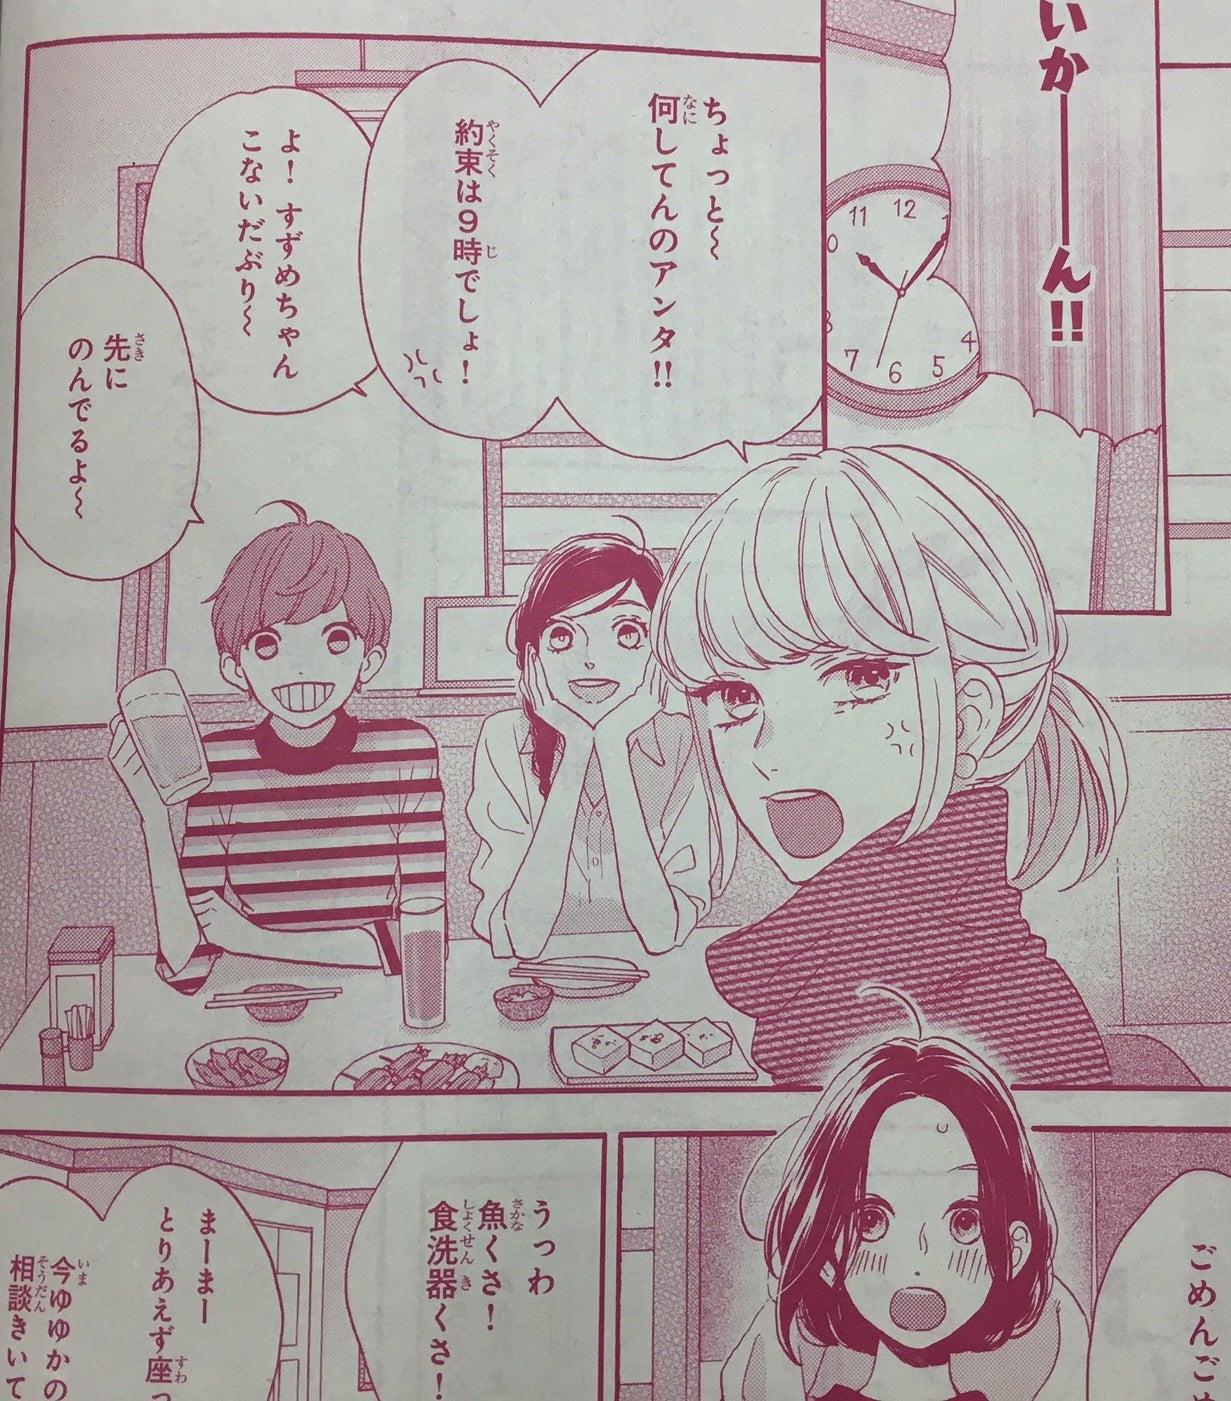 集英社マーガレット編集部ブログ